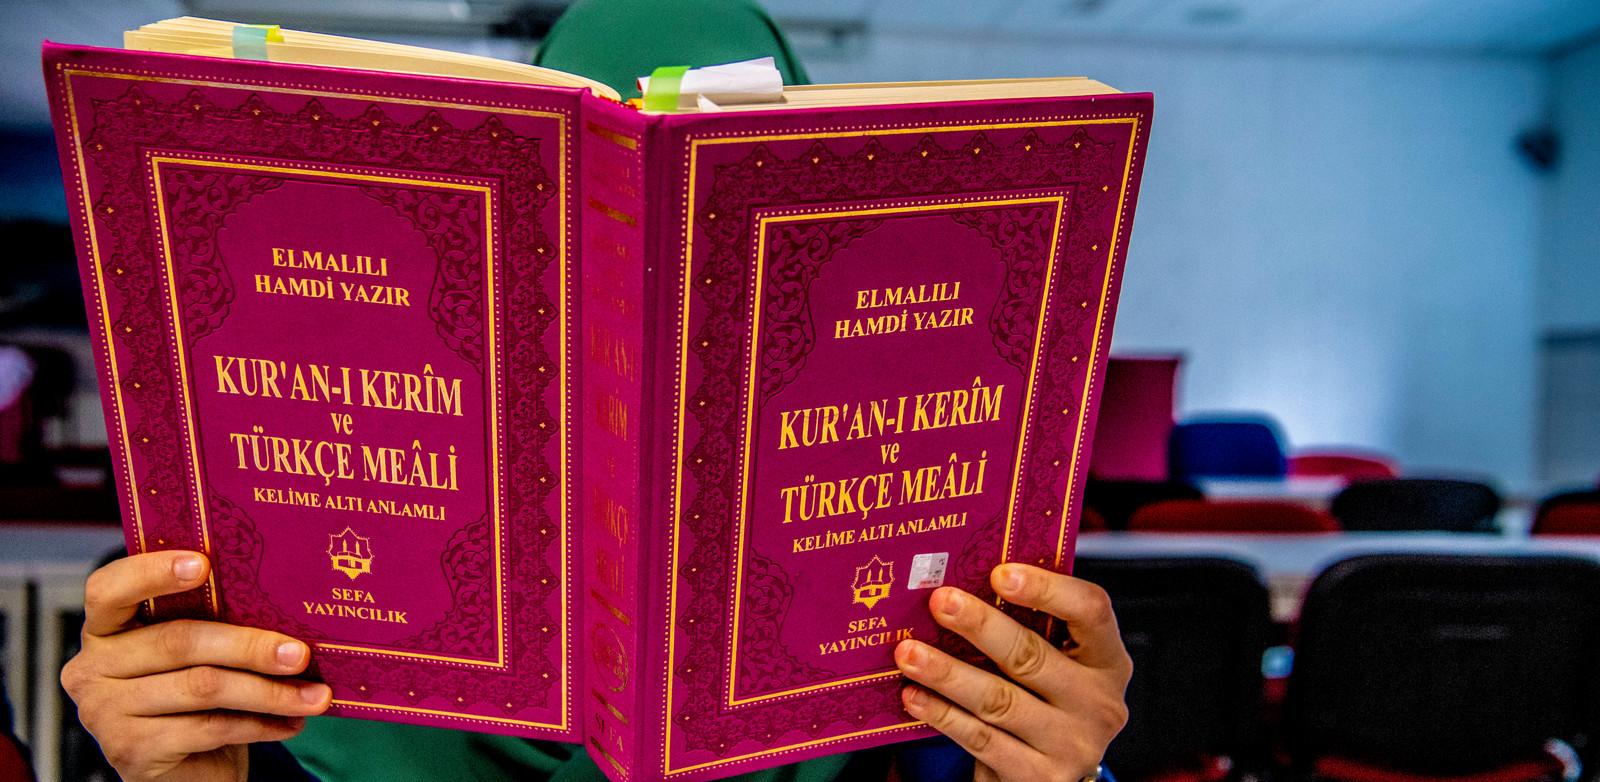 Lezen uit de koran in een moskee (ter illustratie).